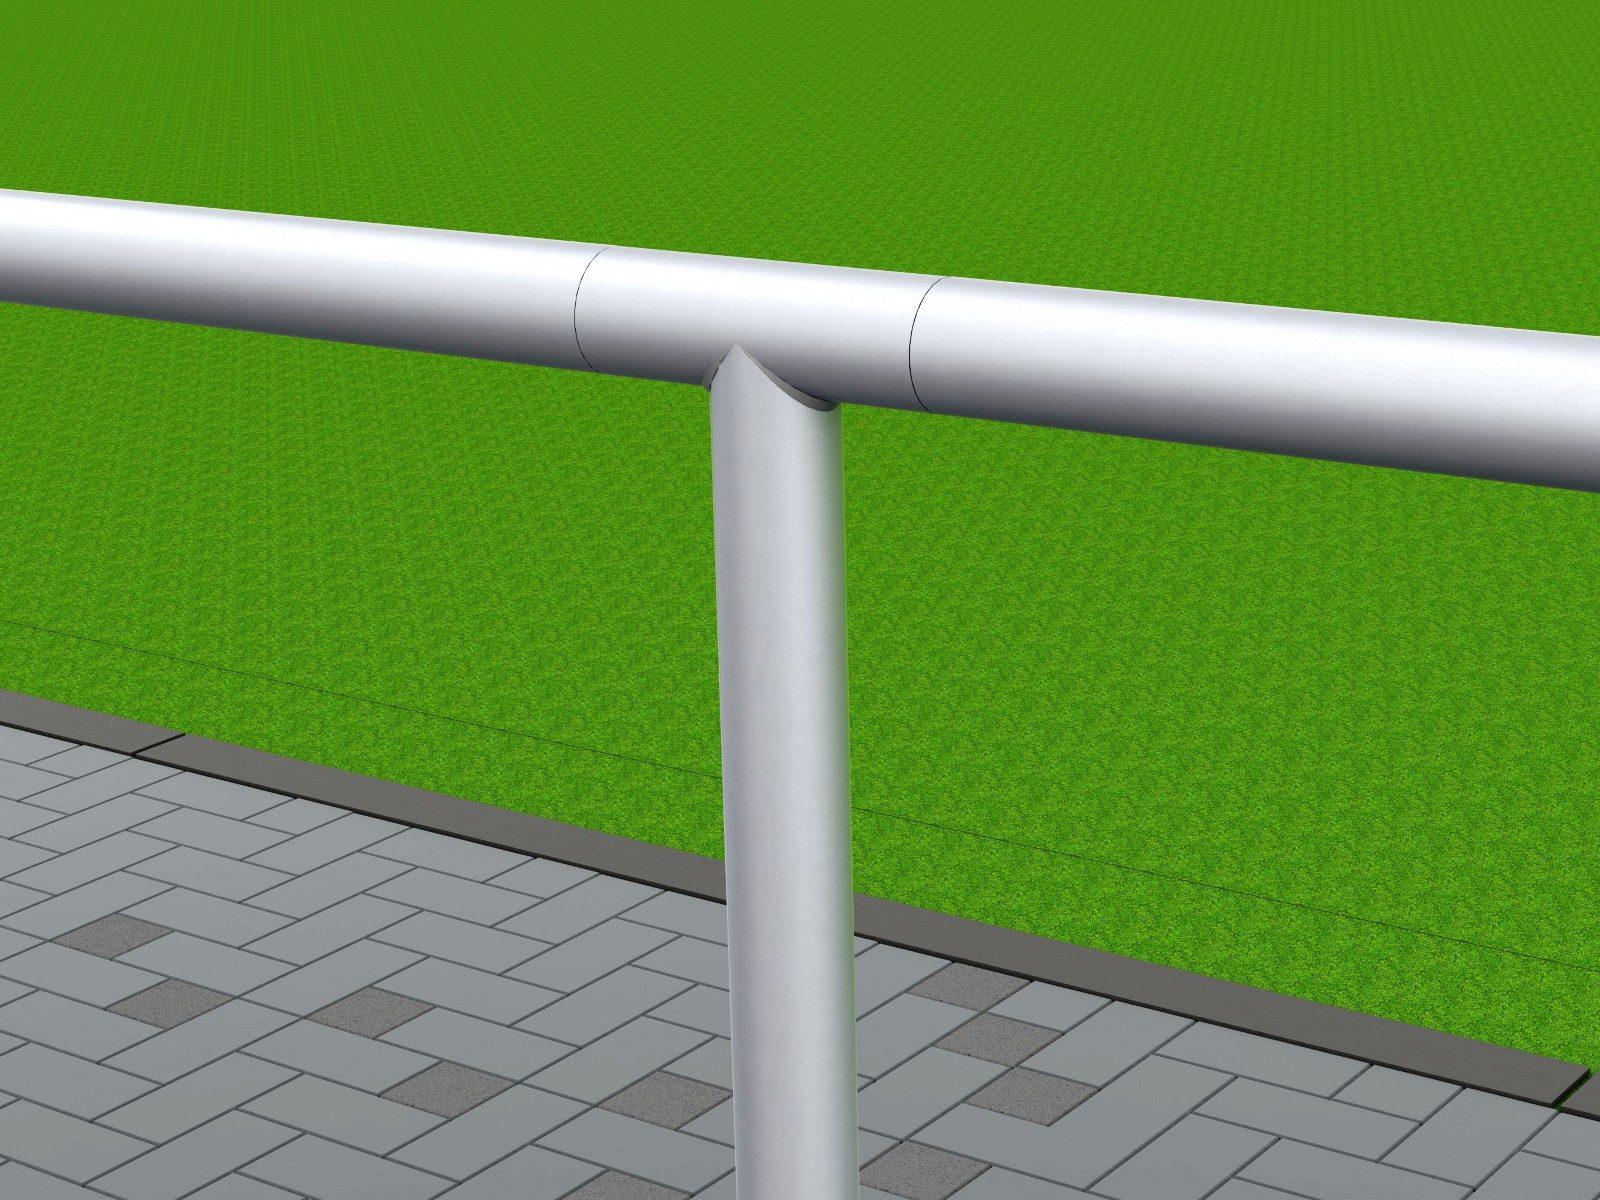 Barrieresystem aus Aluminium, Systemlänge: 50 m, innenliegende T-Verbinder, gerade Ausführung von artec Sportgeräte